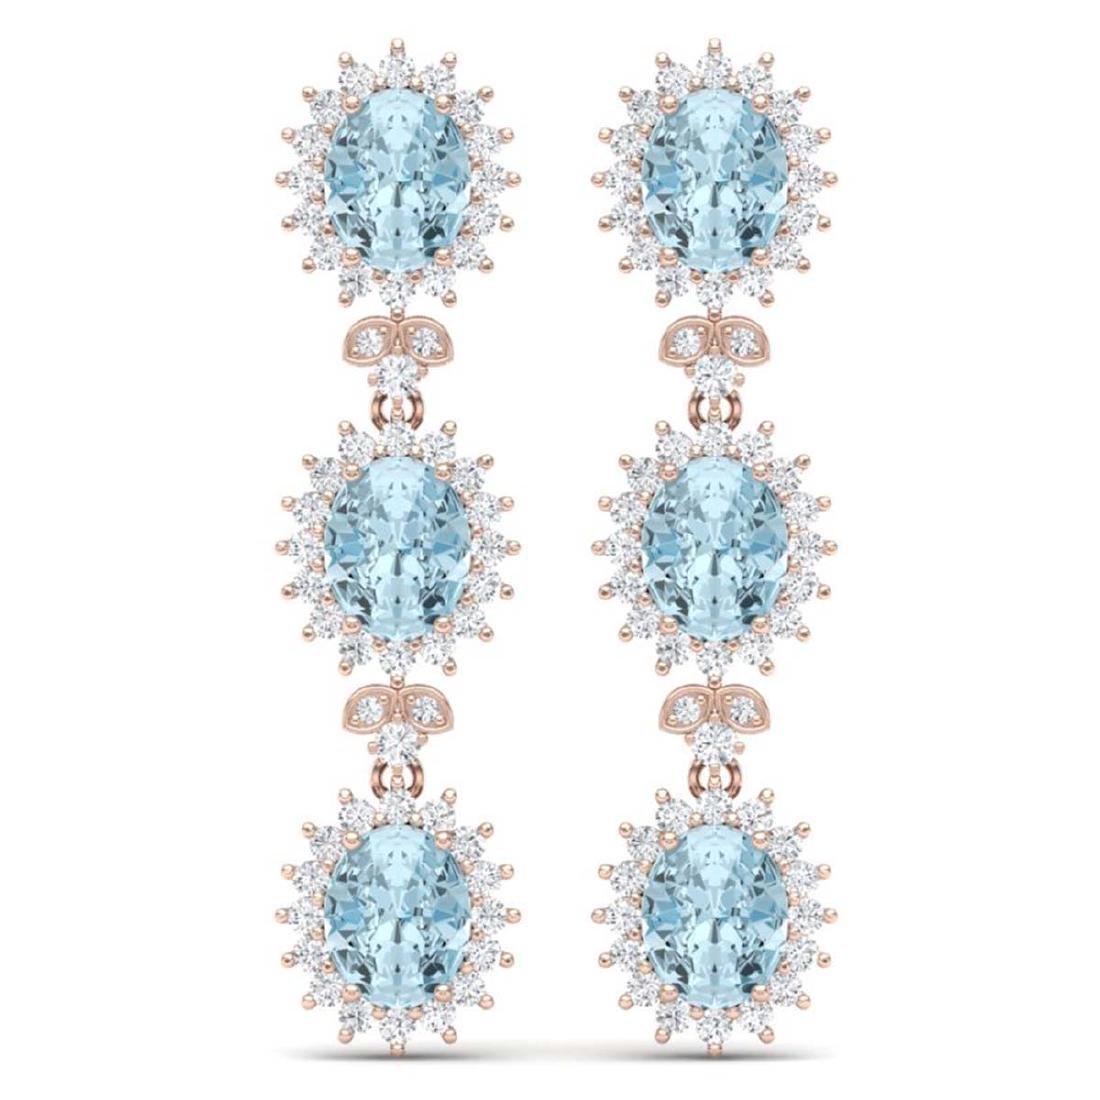 25.06 CTW Royalty Sky Topaz & VS Diamond Earrings 18K